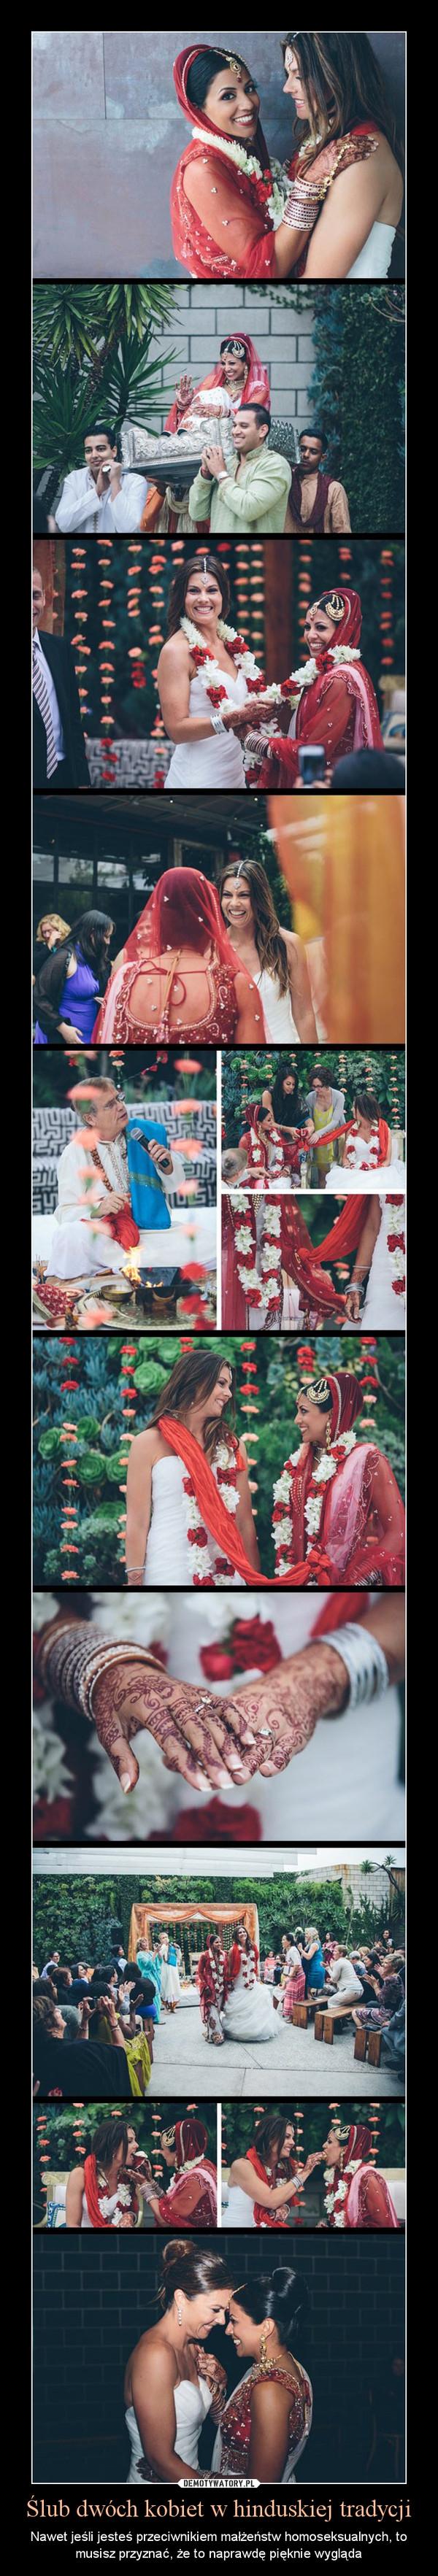 Ślub dwóch kobiet w hinduskiej tradycji – Nawet jeśli jesteś przeciwnikiem małżeństw homoseksualnych, to musisz przyznać, że to naprawdę pięknie wygląda